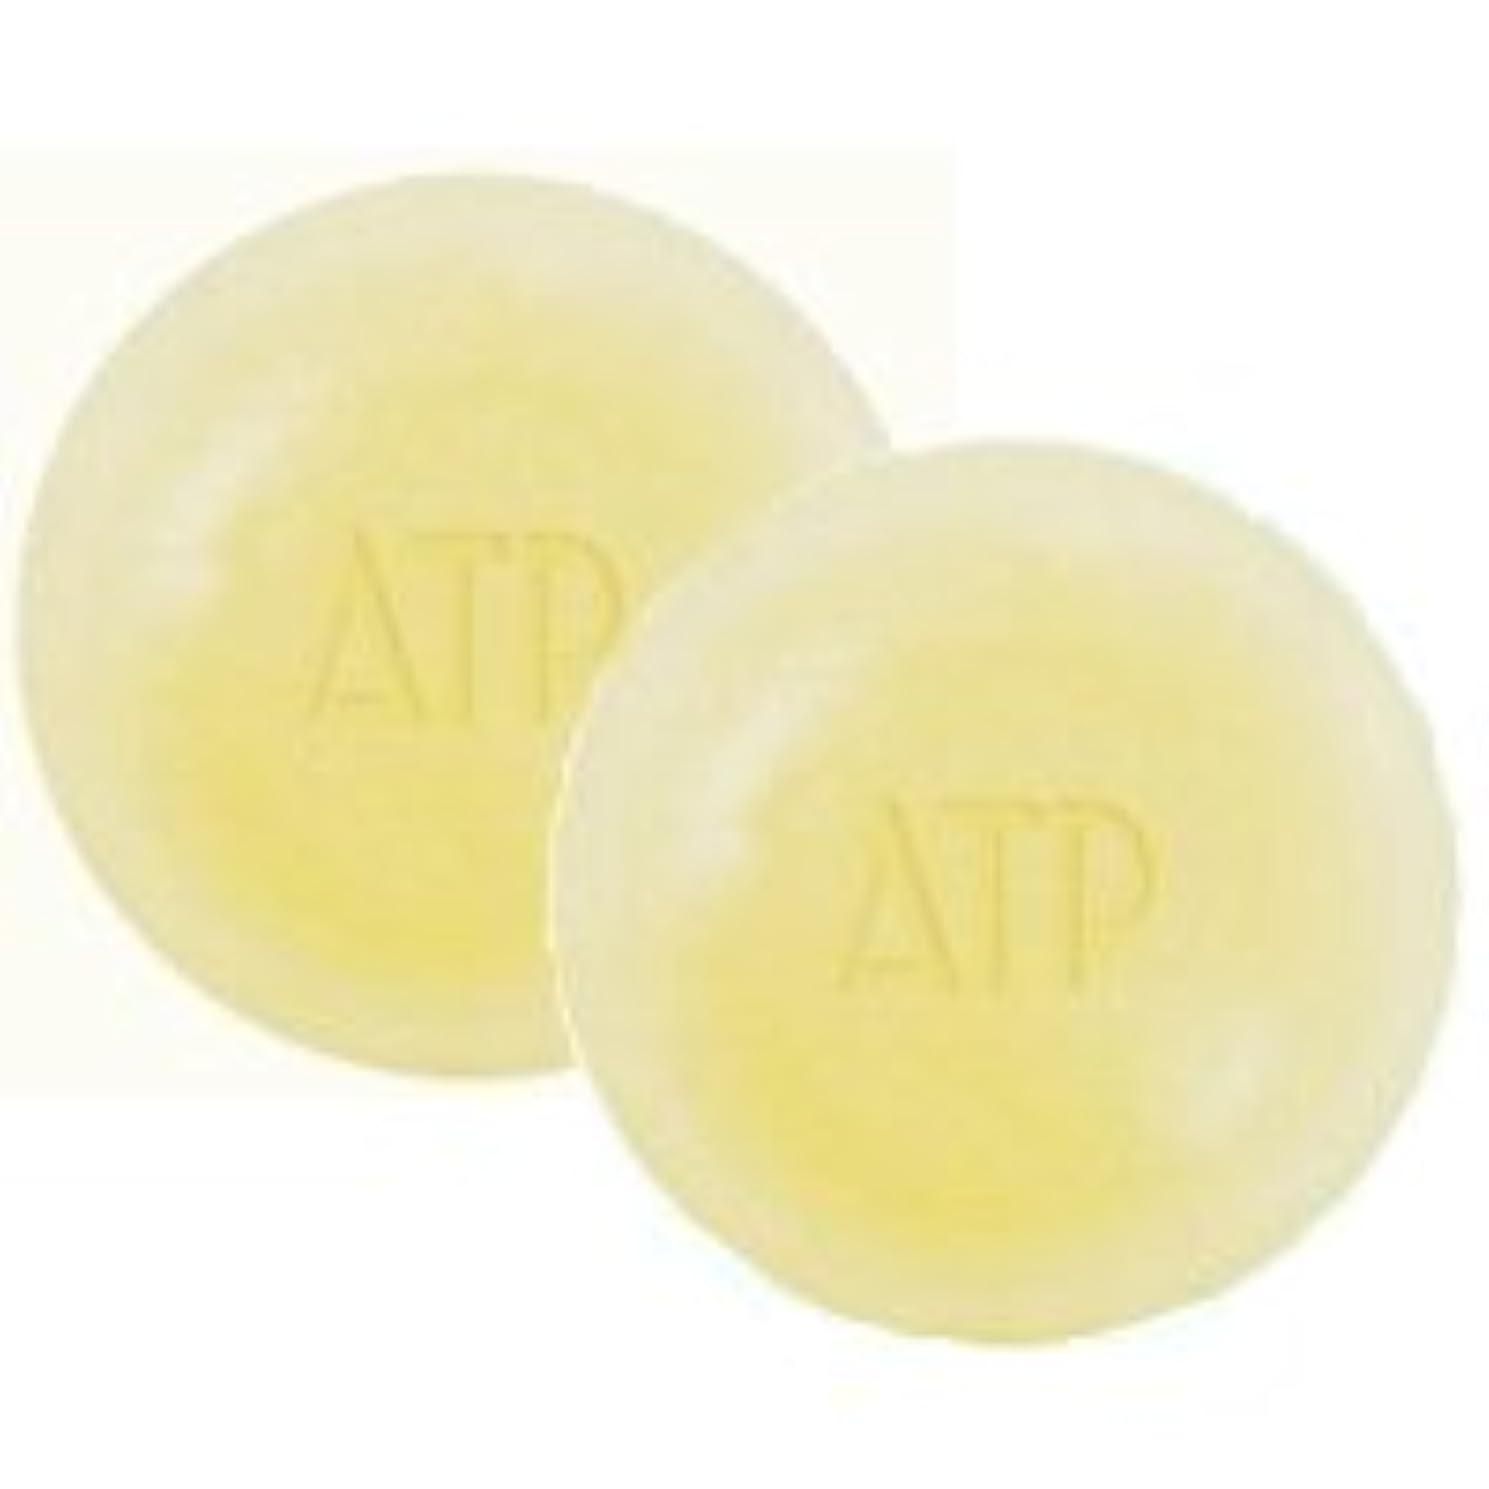 近代化する建てる抑圧ATPデリケアソープ 100g ケース付 2個セット